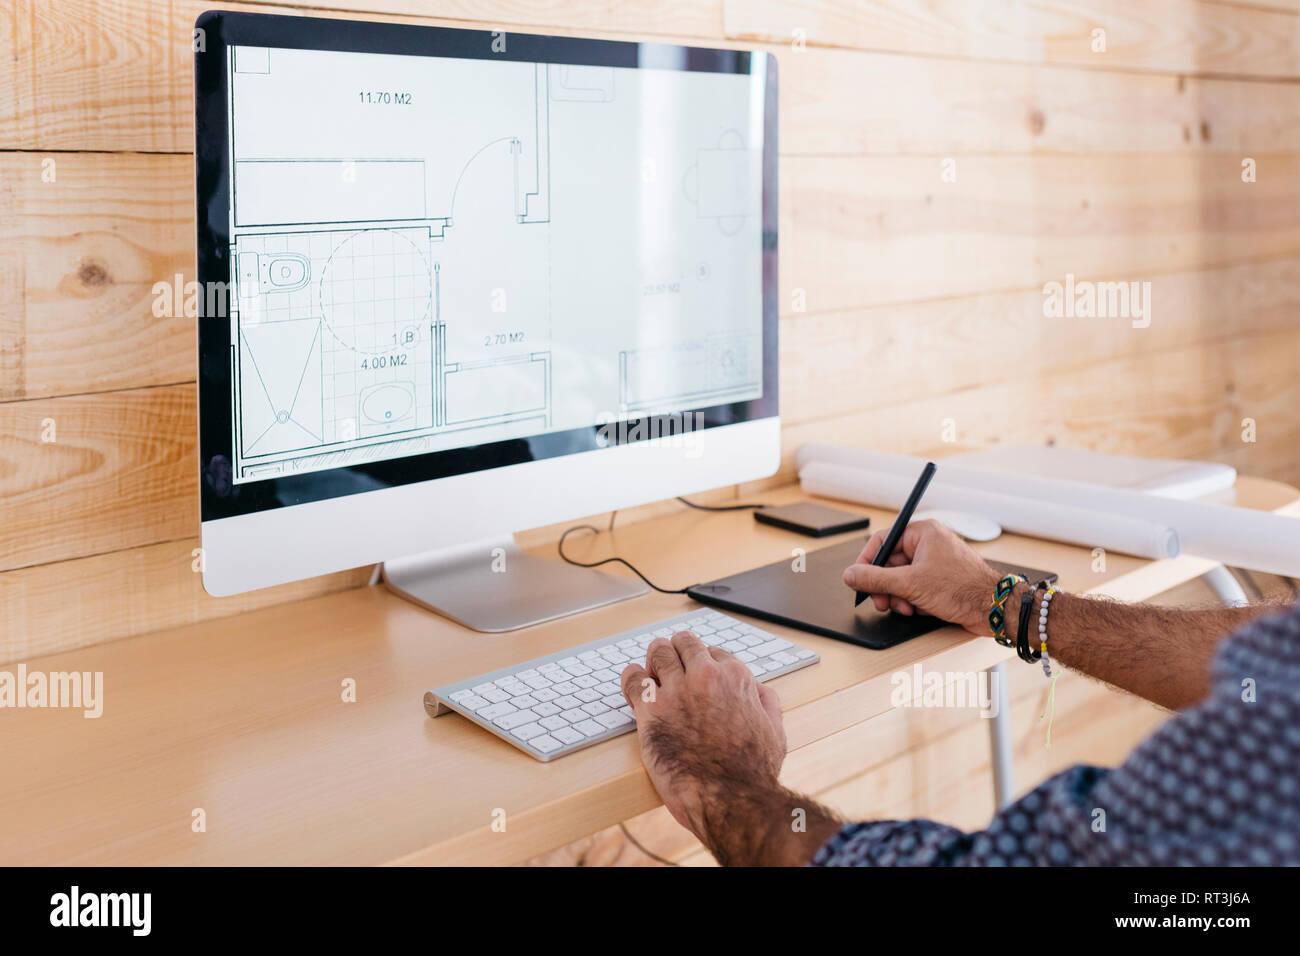 Nahaufnahme der Mann auf dem Boden Plan arbeiten zu Hause mit dem Computer und Grafiktablett Stockbild